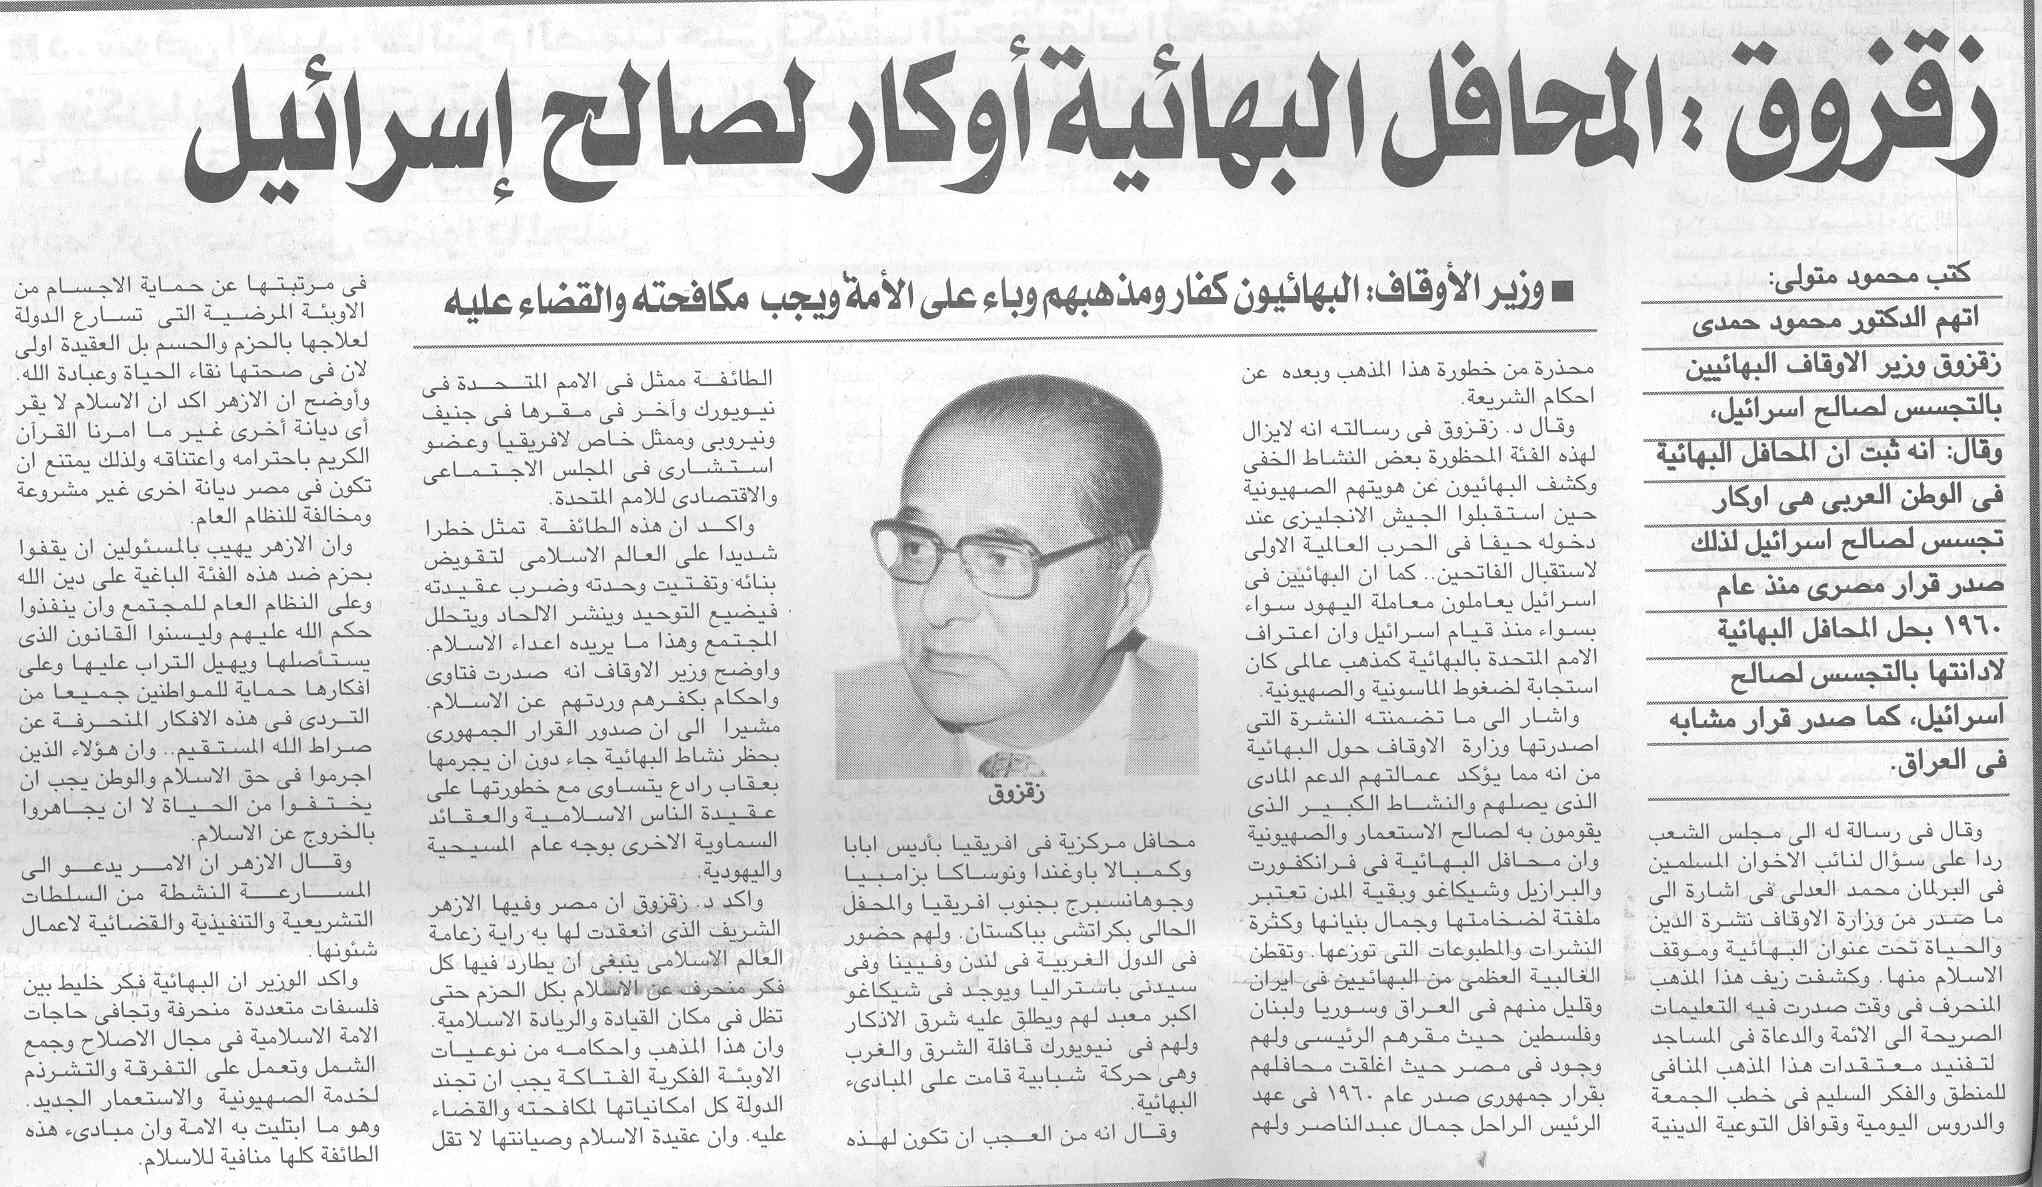 صحيفة نهضة مصر- عدد 11 فبراير لعام 2007